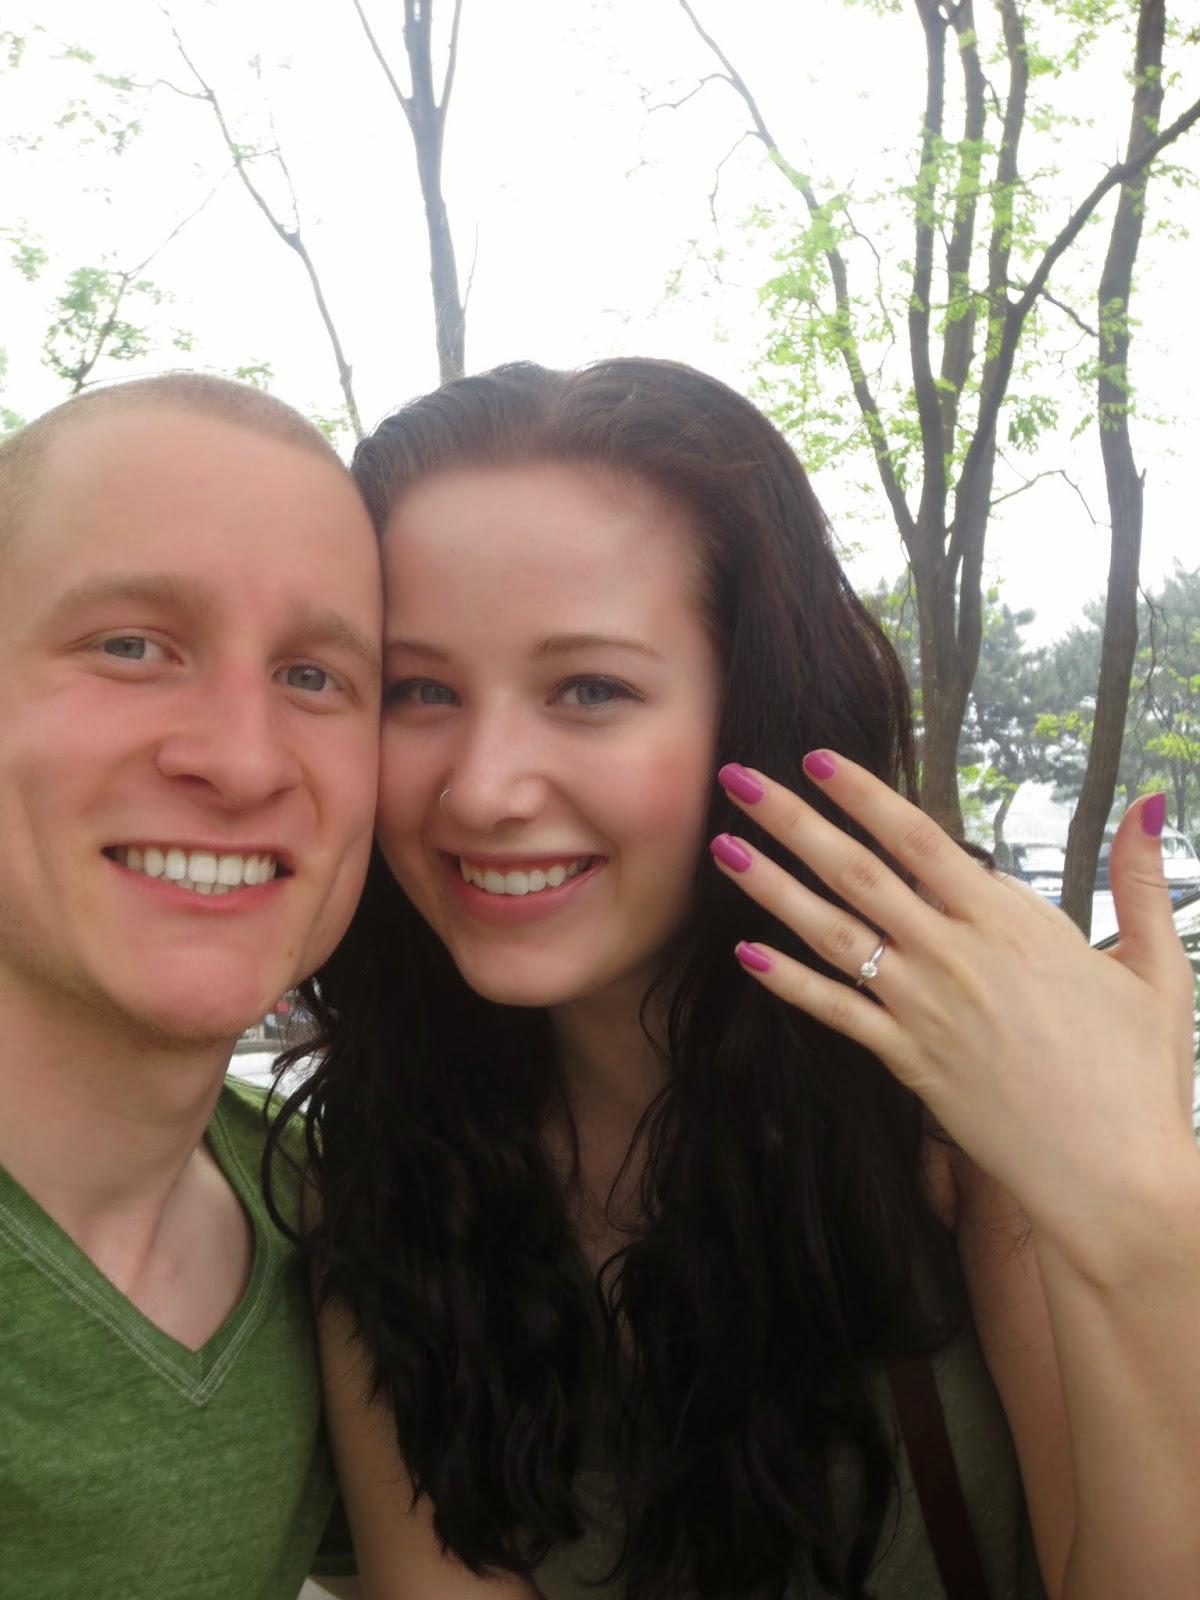 Post-Proposal